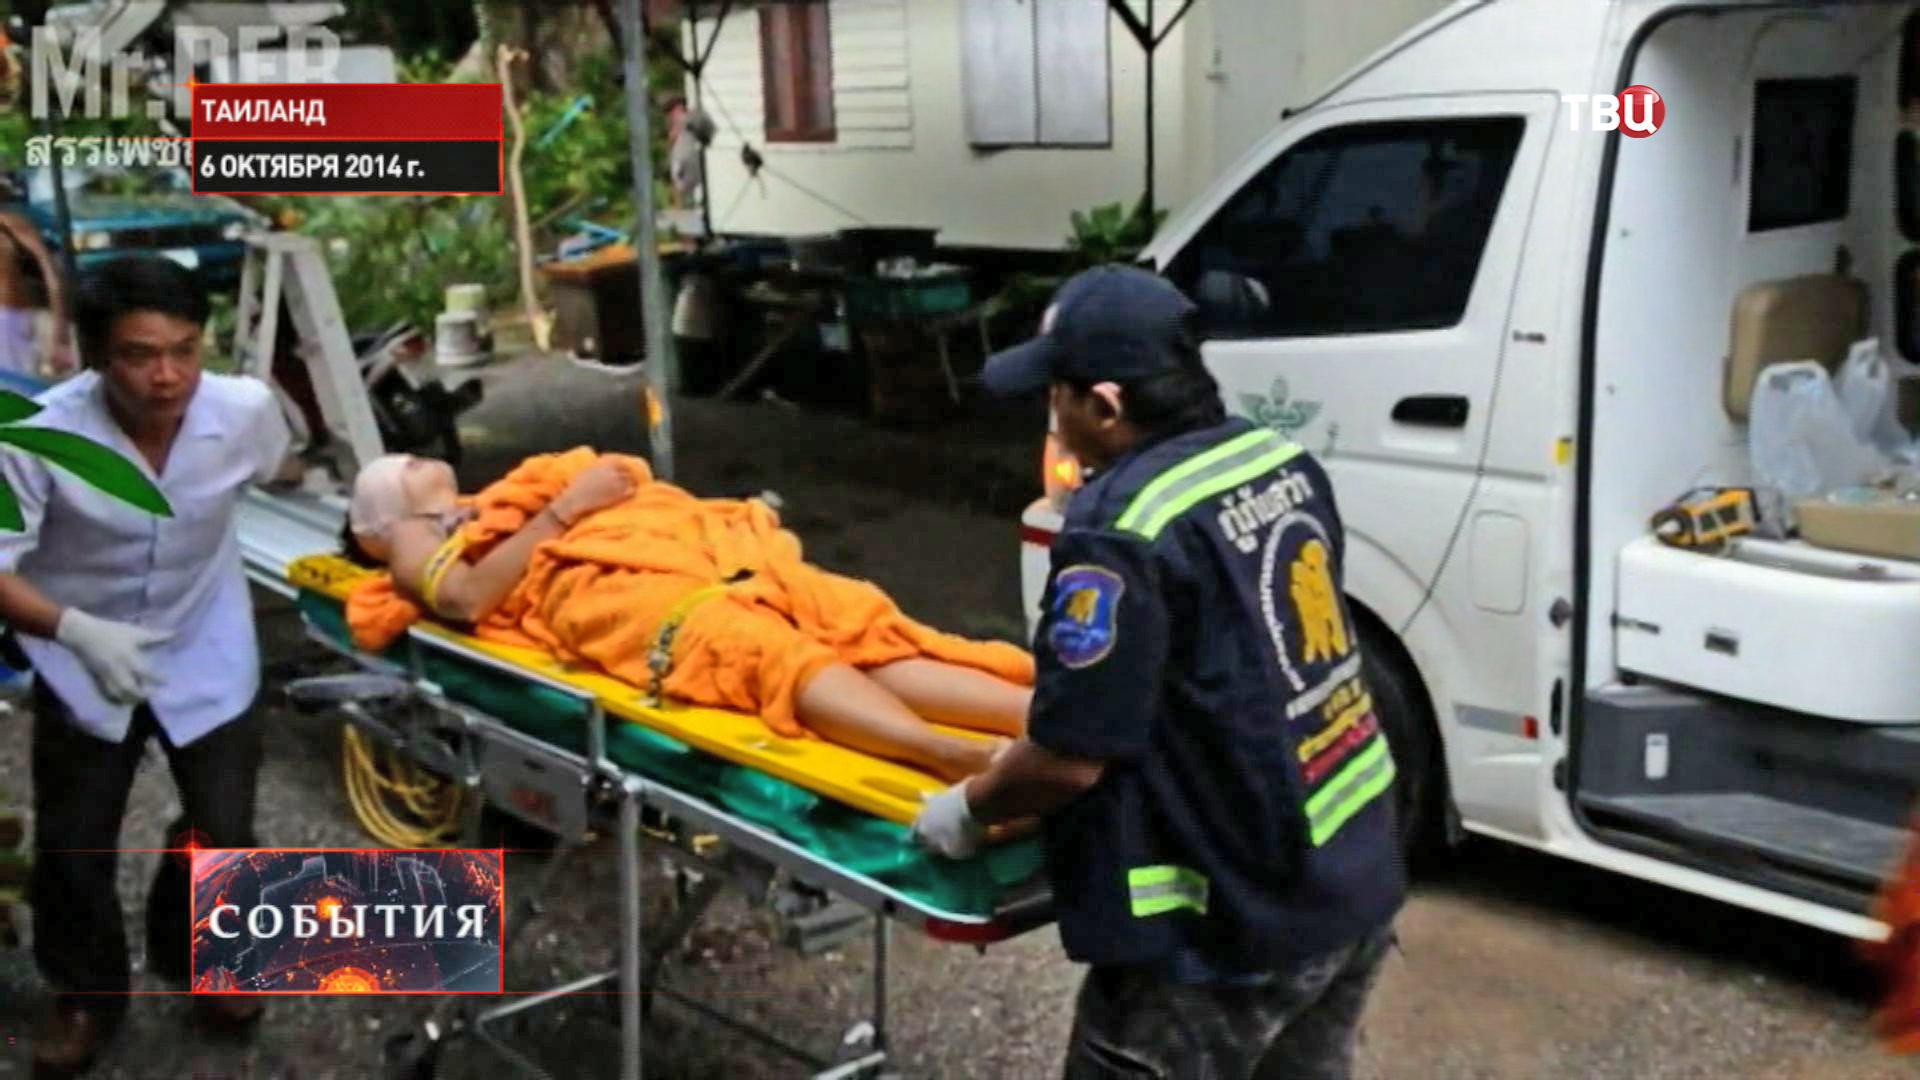 Медики оказывают помощь пострадавшим